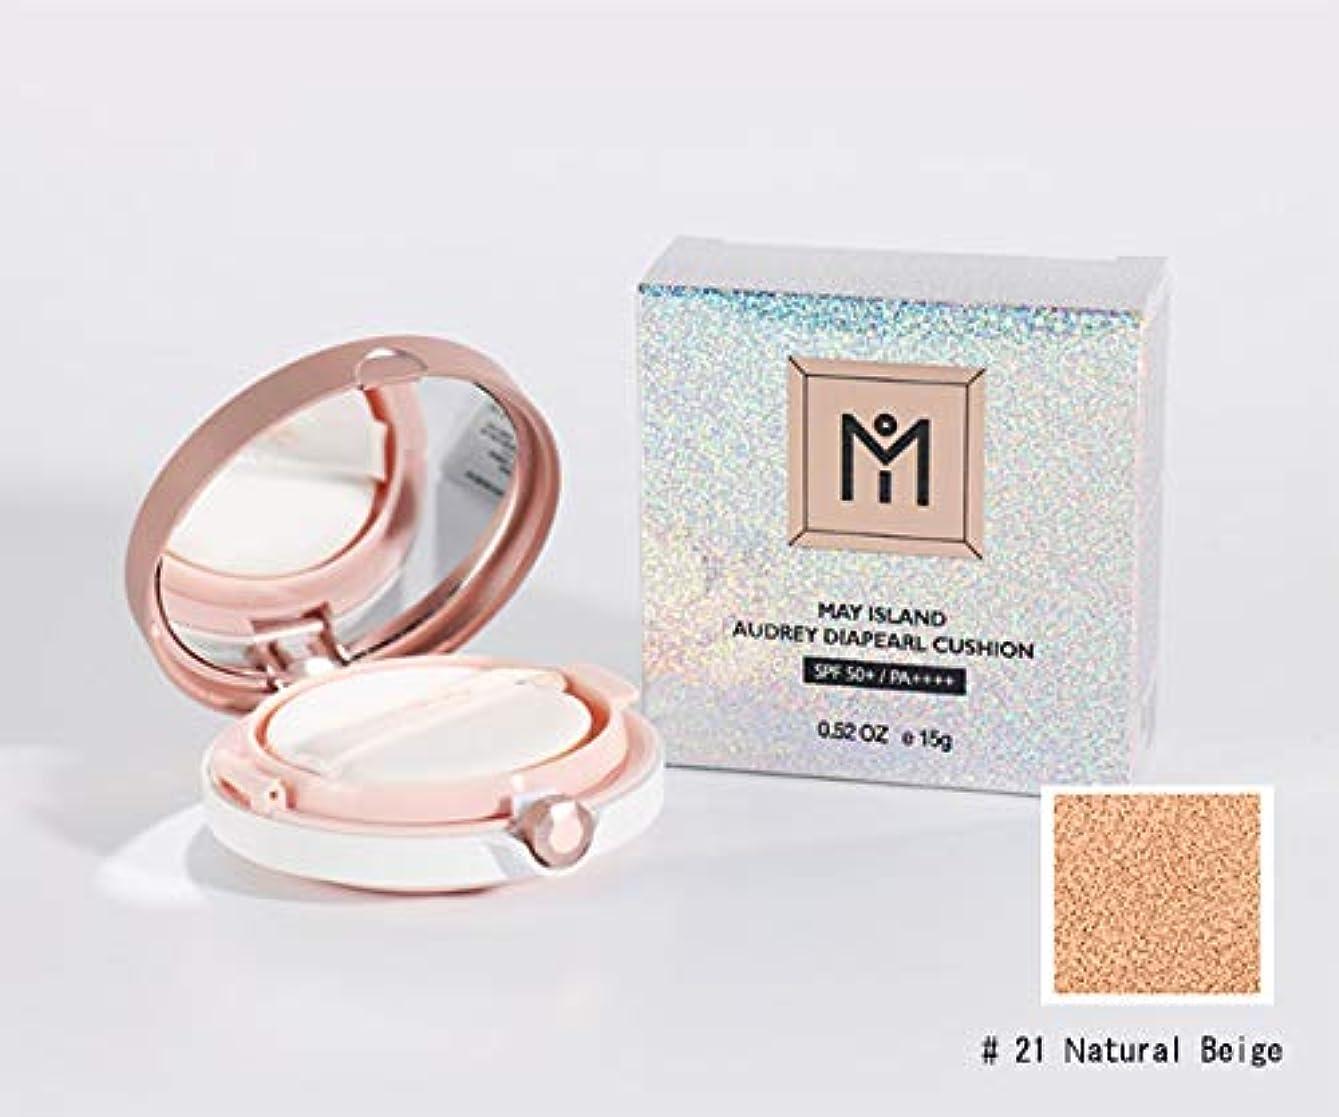 冷淡なシーフード低い[MAY ISLAND] AUDREY DIAPEARL CUSHION[#21.Natural Beige] ダイヤモンドパールクッション SPF50+/ PA++++[美白、シワの改善、紫外線遮断3の機能性化粧品]韓国...